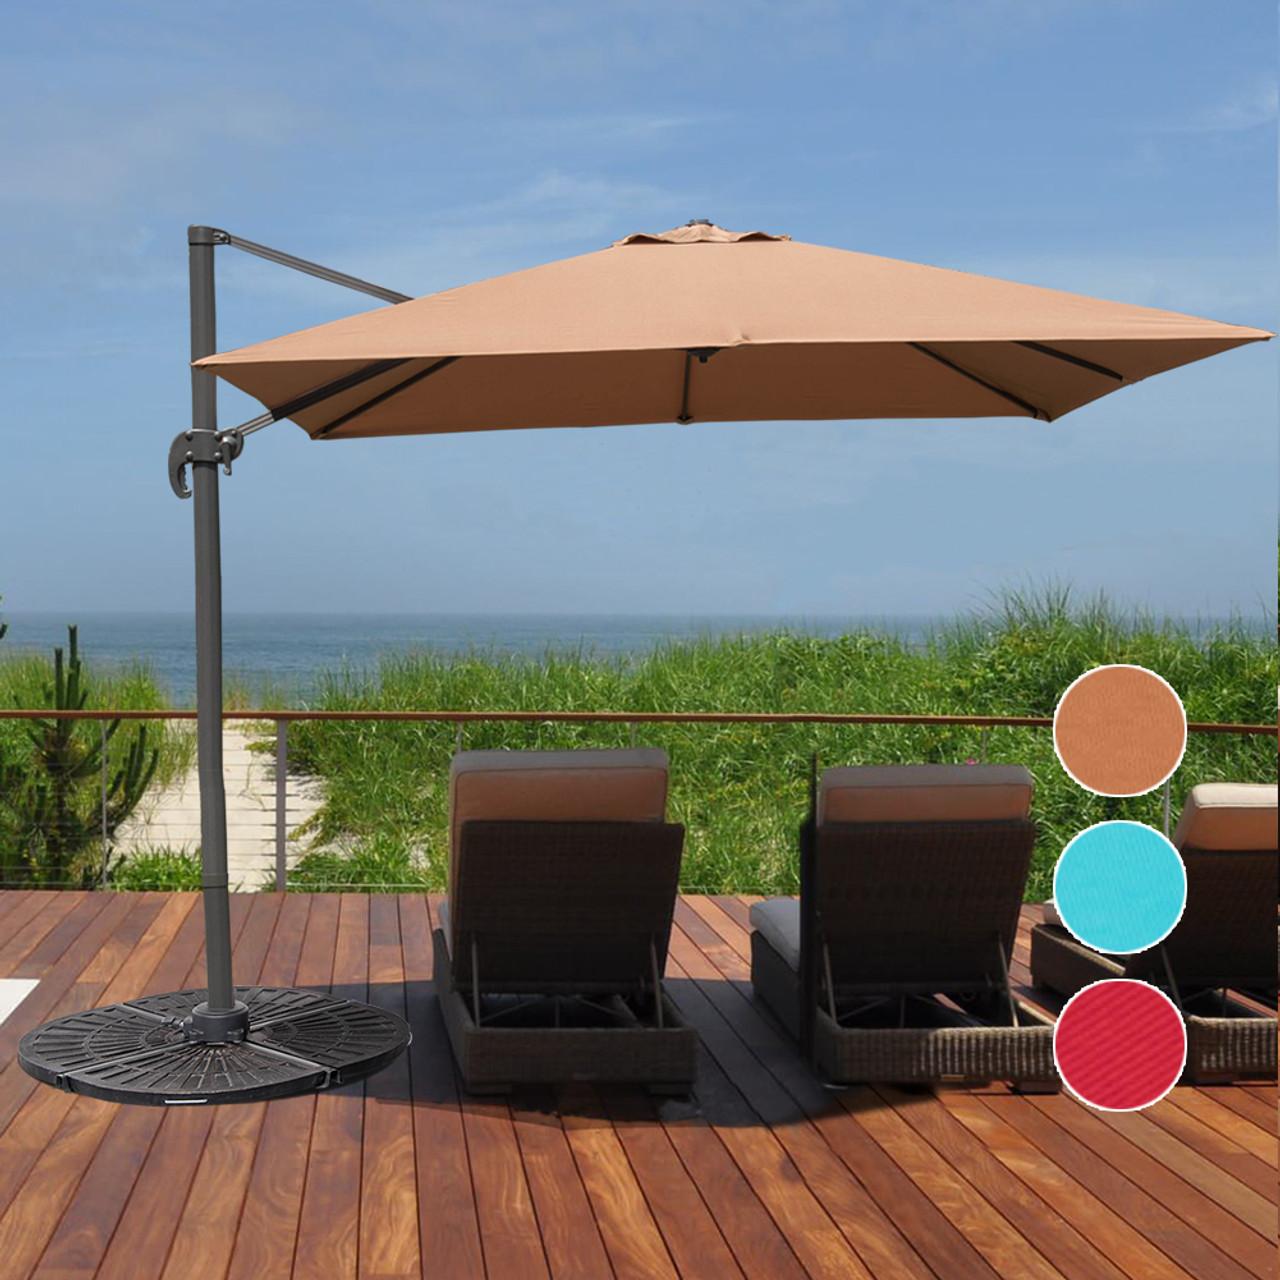 sundale outdoor 95ft square offset hanging umbrella market patio umbrella aluminum cantilever pole w - Patio Umbrella